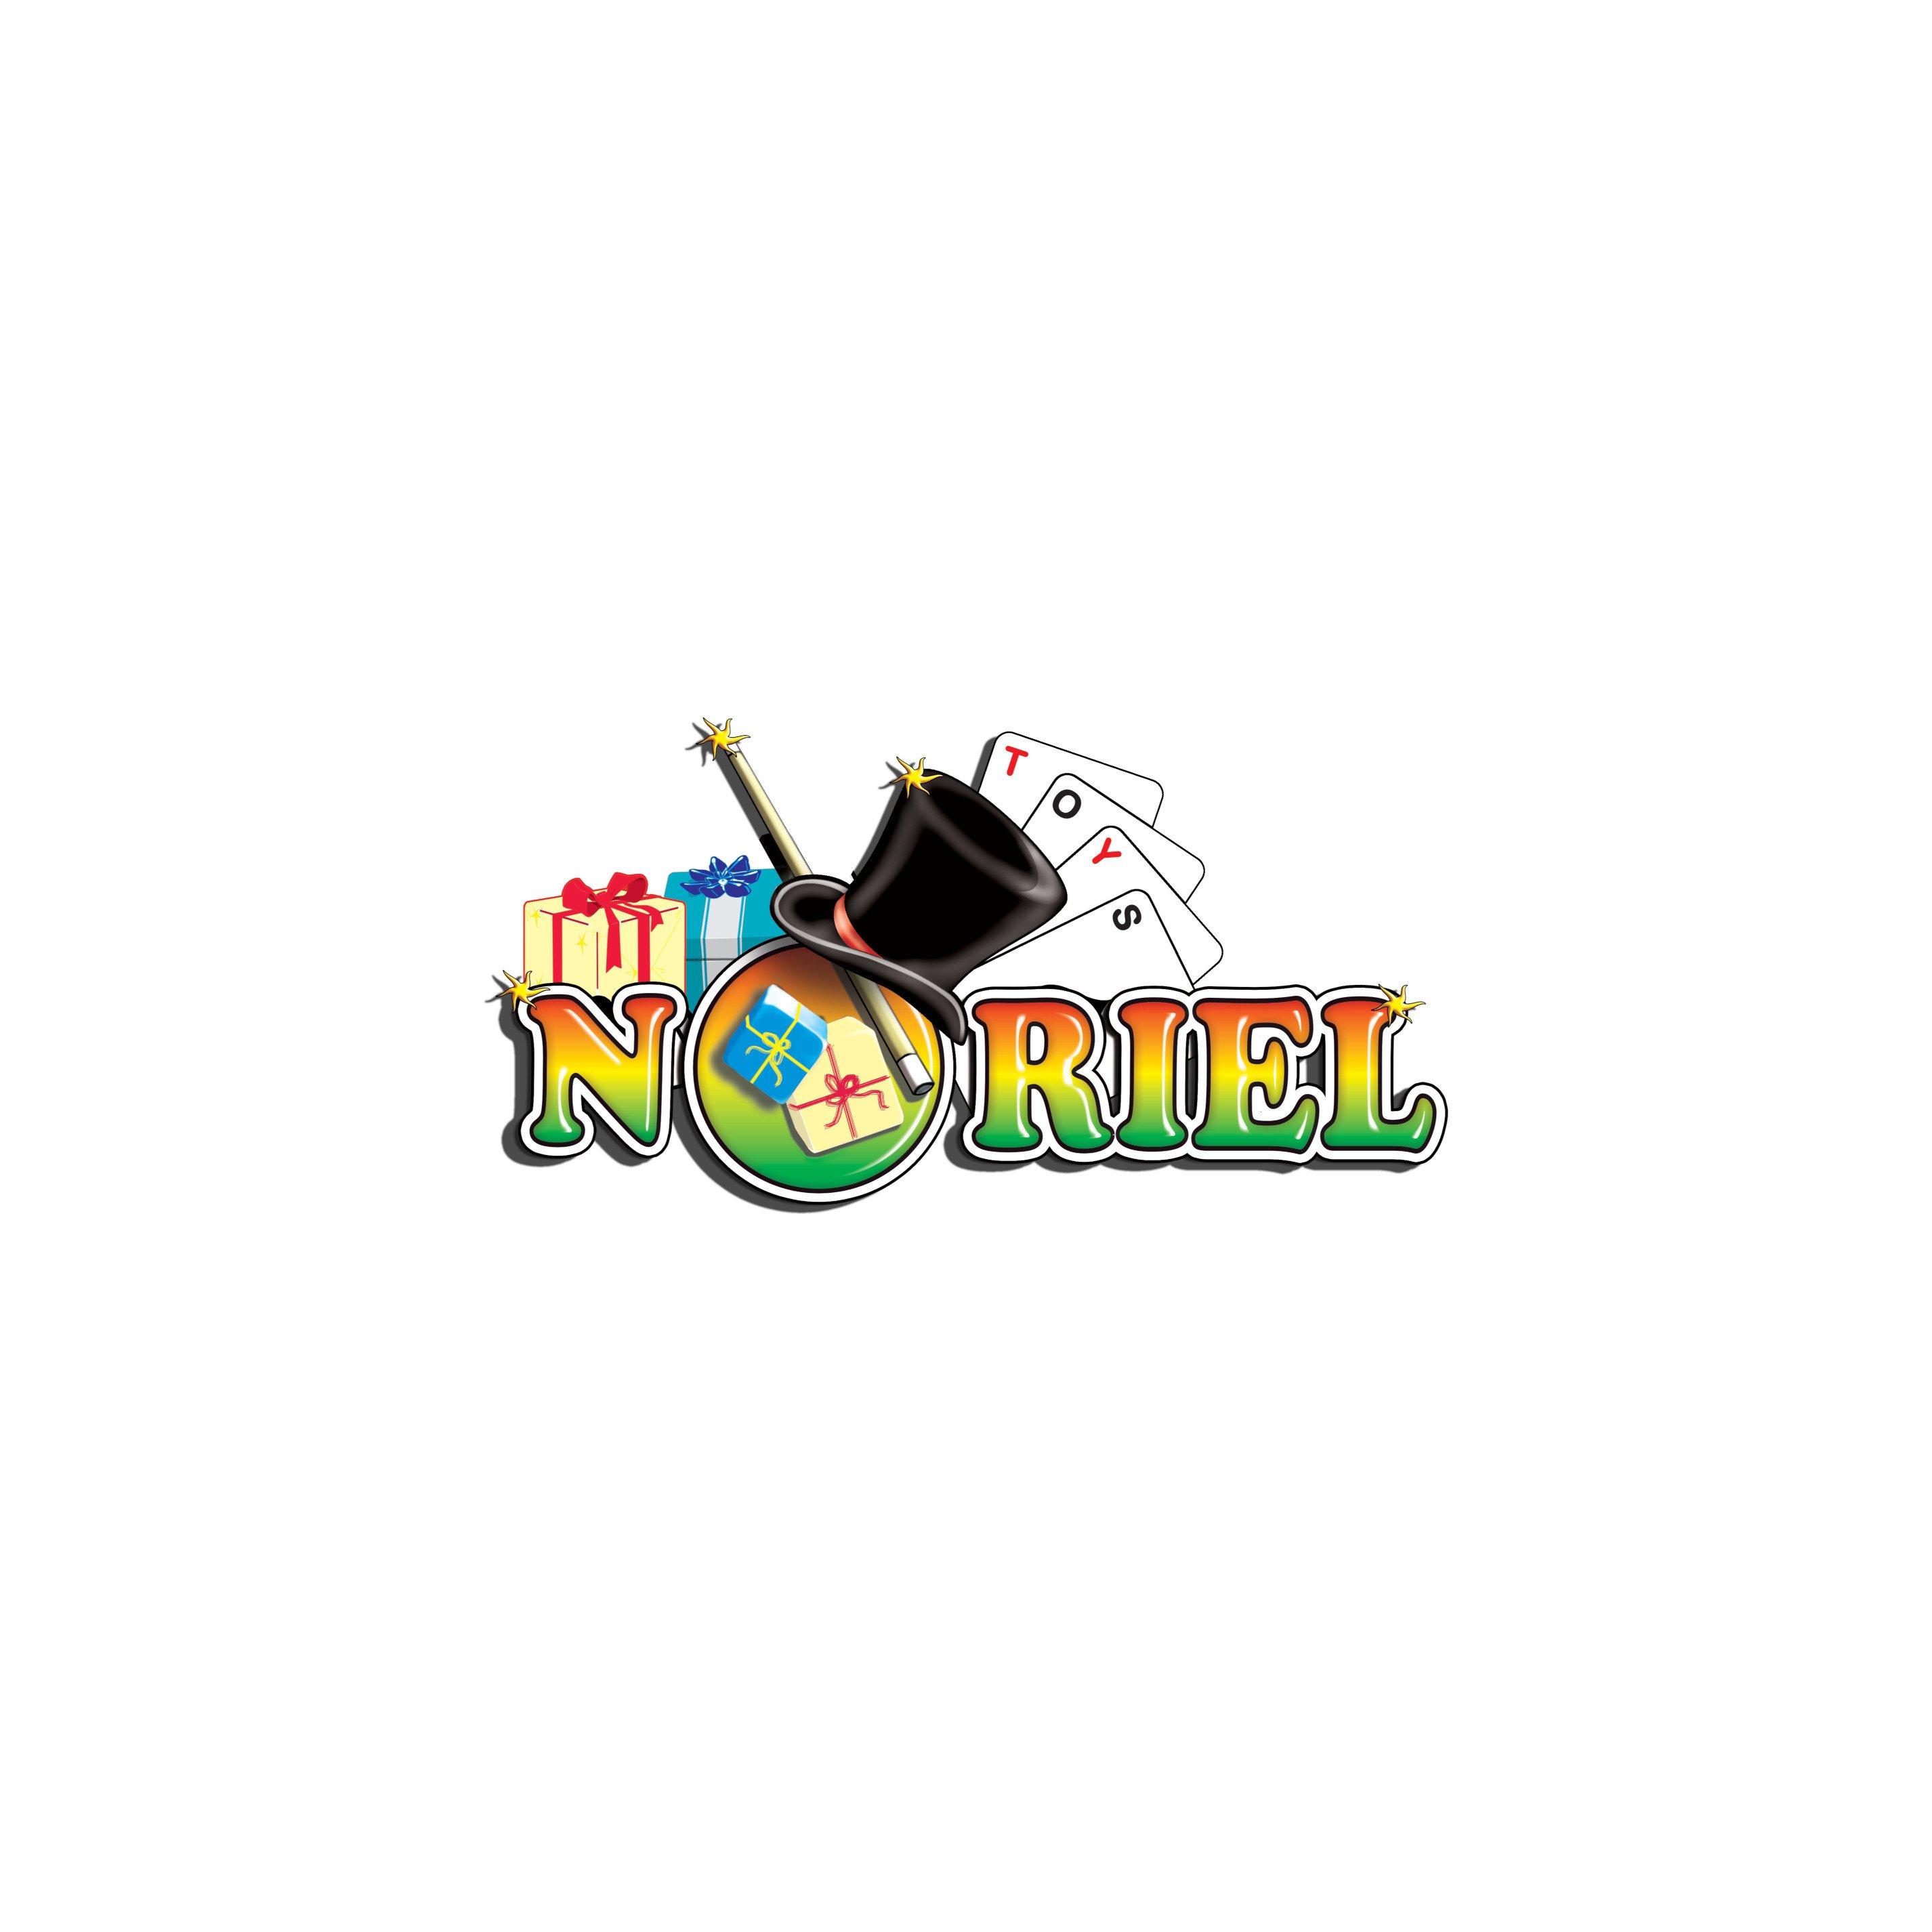 203107_001w Rucsac pentru scutece Skip Hop, Gri